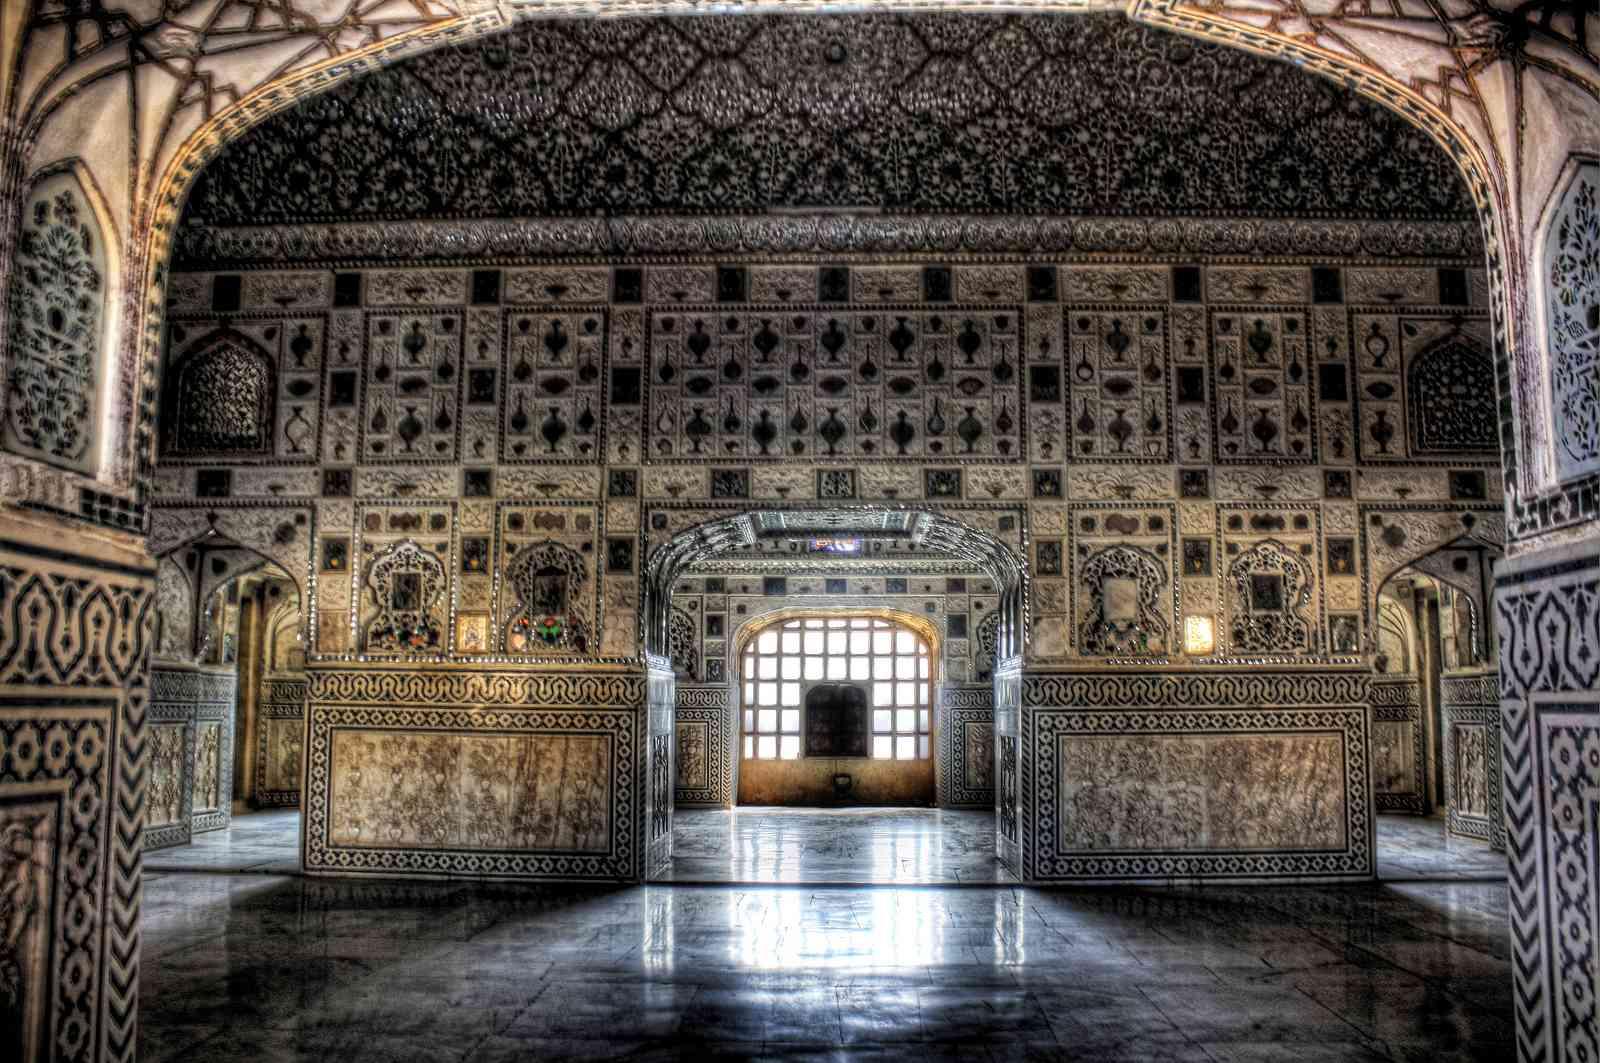 Amer Fort Sheesh Mahal